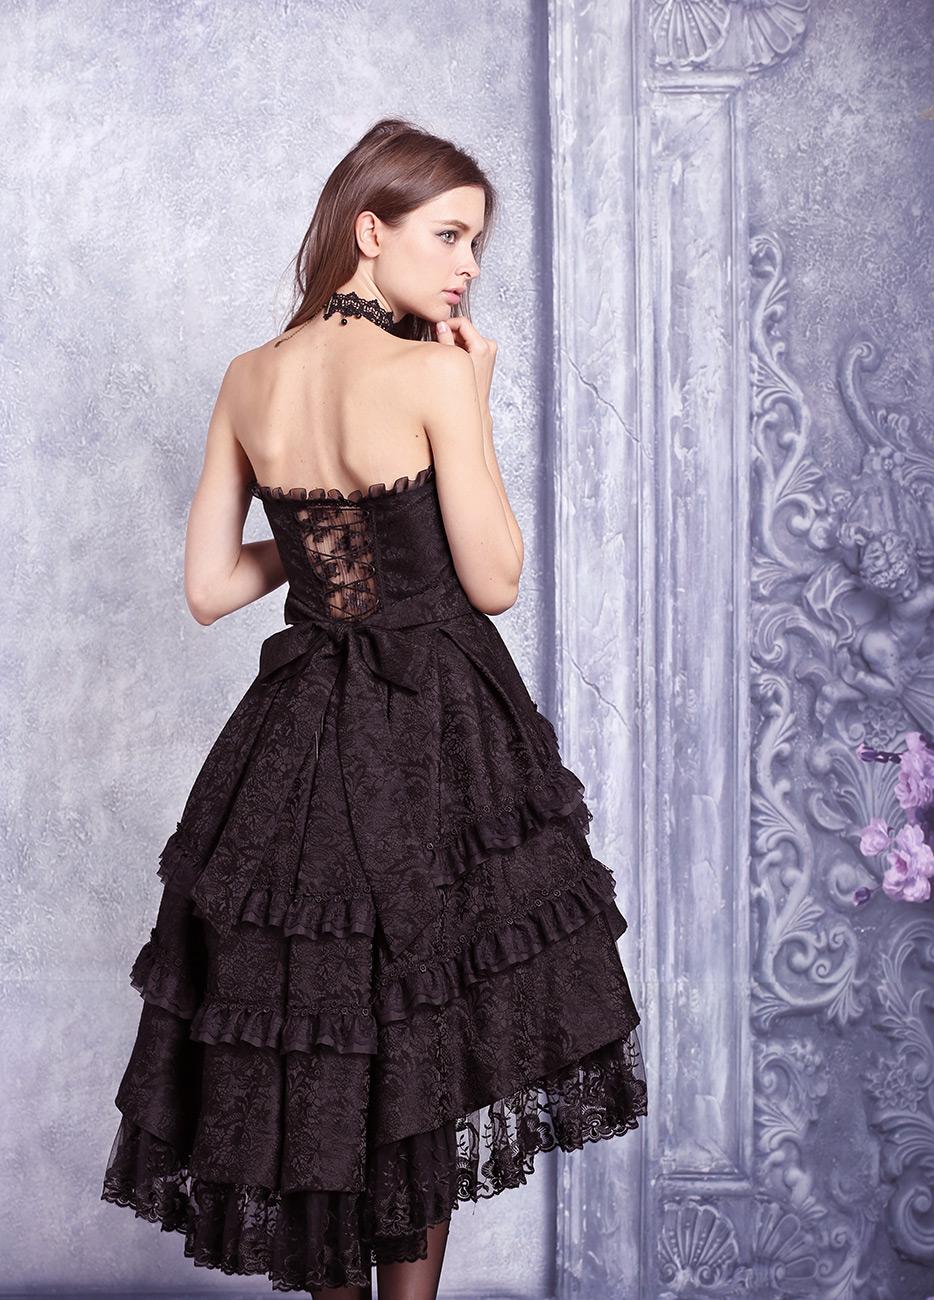 12e93e29b6c ... Robe bustier noire mi longue bouffante dentelle fleurie lolita gothique  vampire Size Chart. Photos shoot. Modèle   inconnu